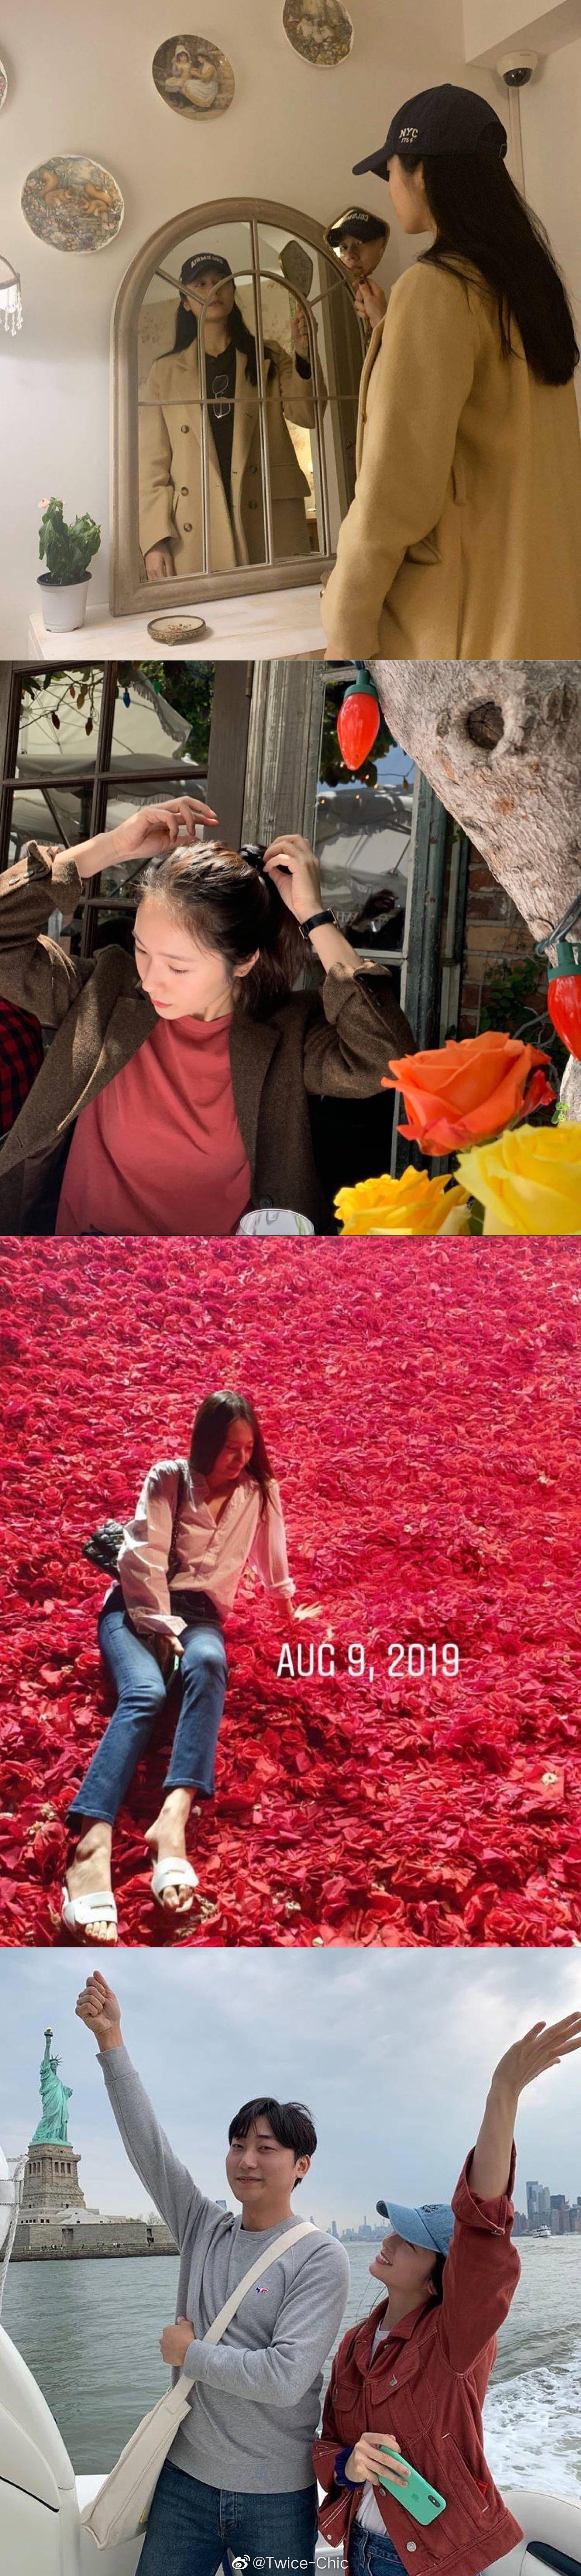 郑秀晶 | 清冷素美,慵懒猫系,独特气质水晶的2019四季穿搭回顾